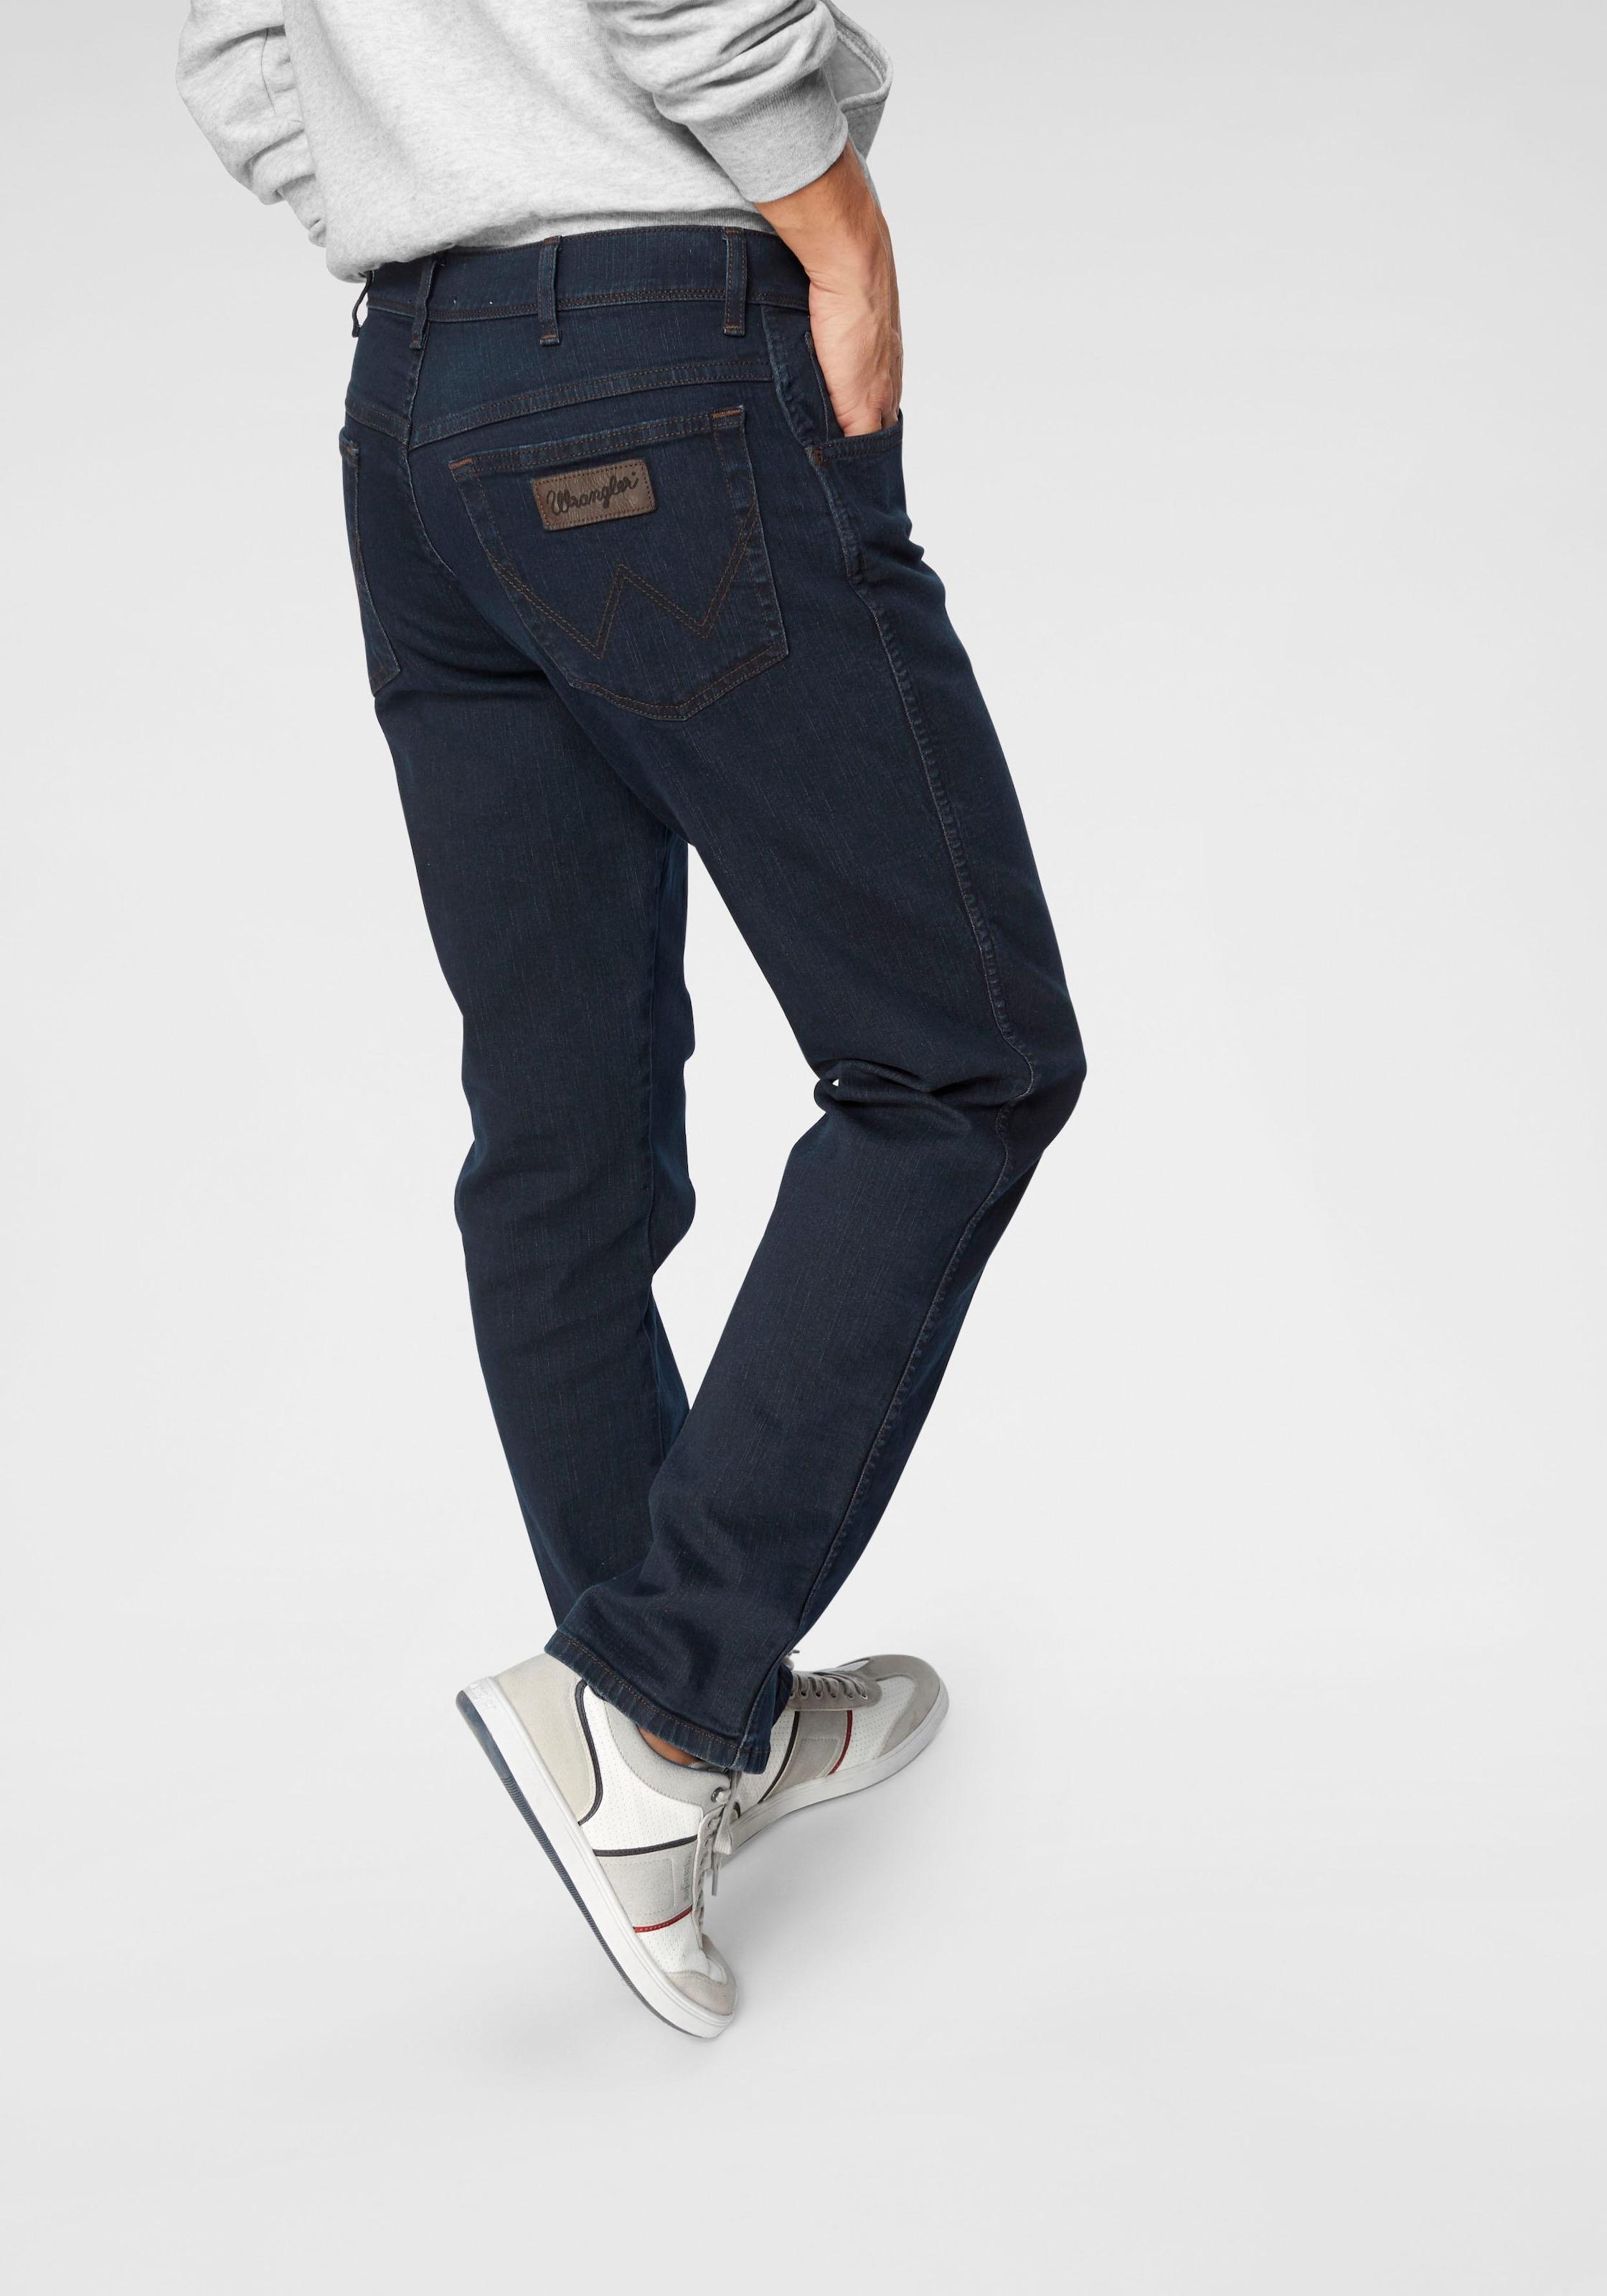 джинсы техас 2